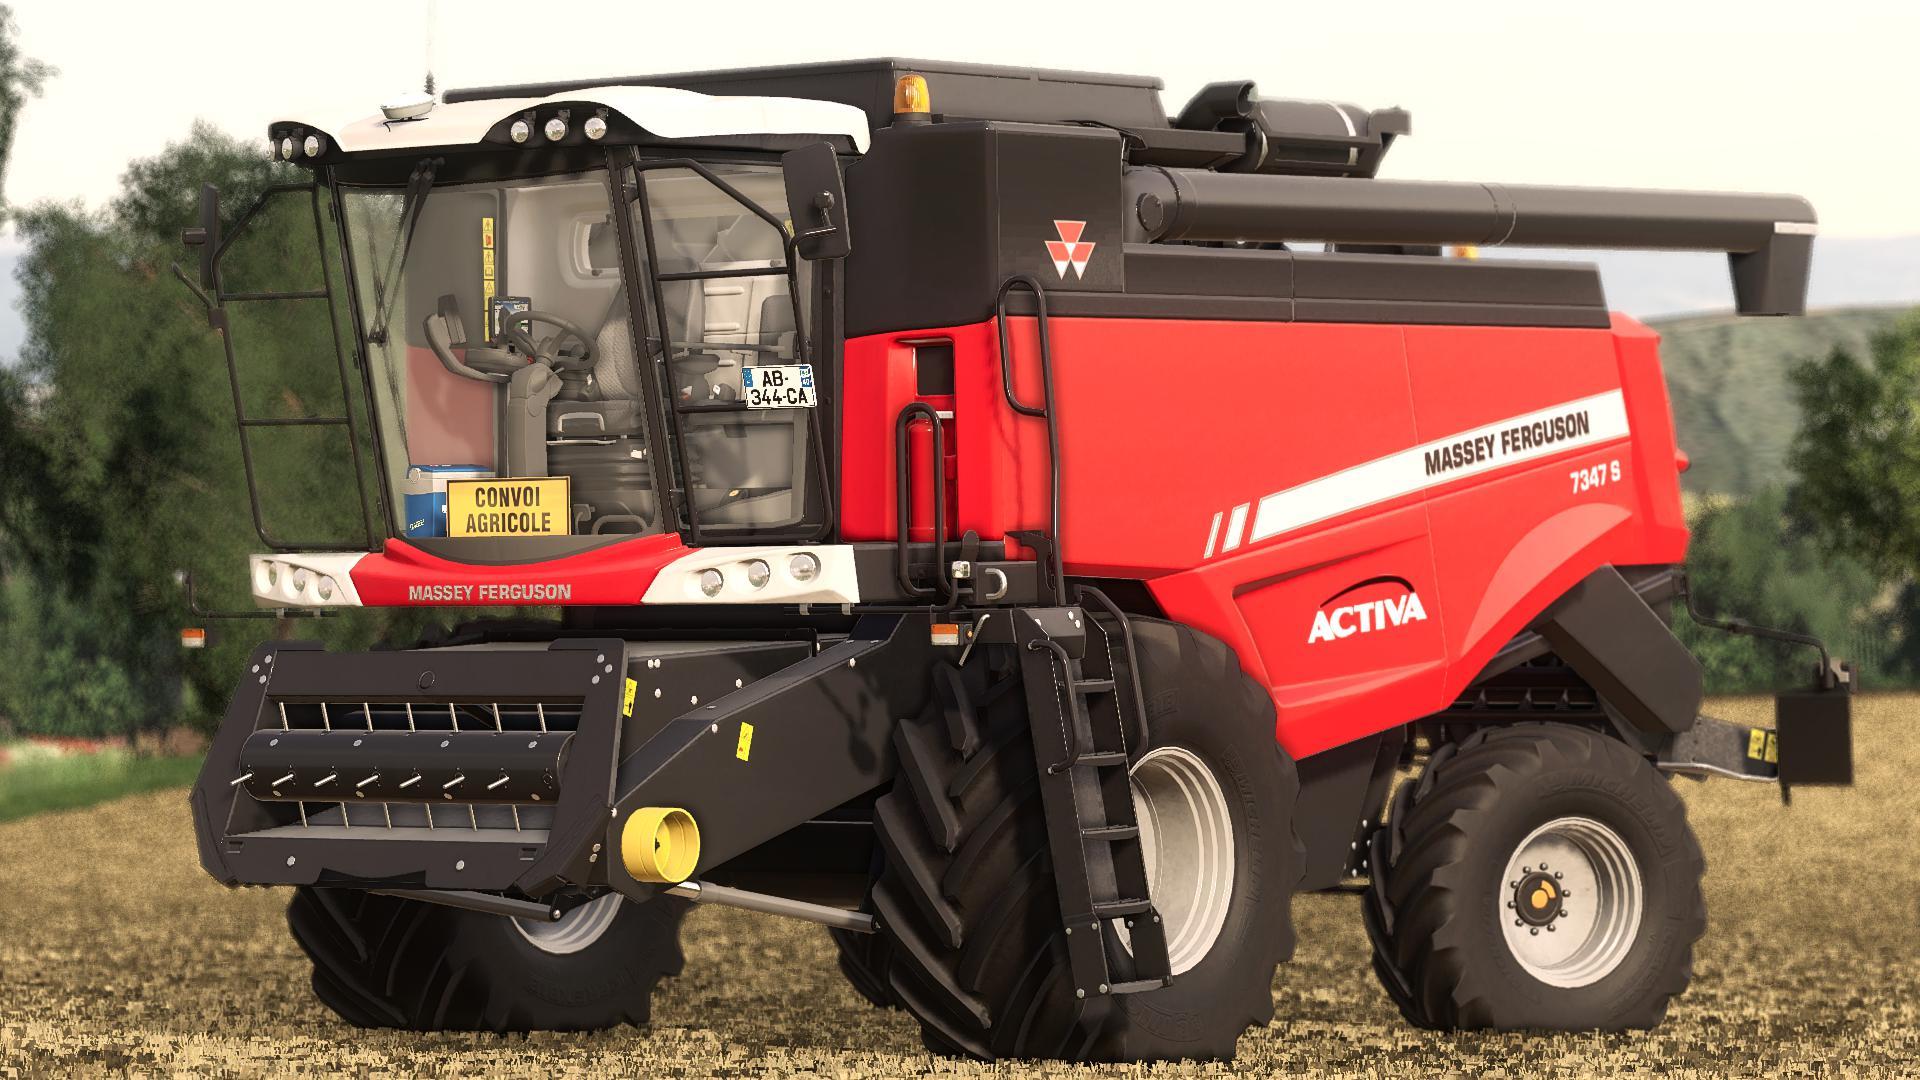 FS19 - Massey Ferguson Activa 7347S Harvester V1.2